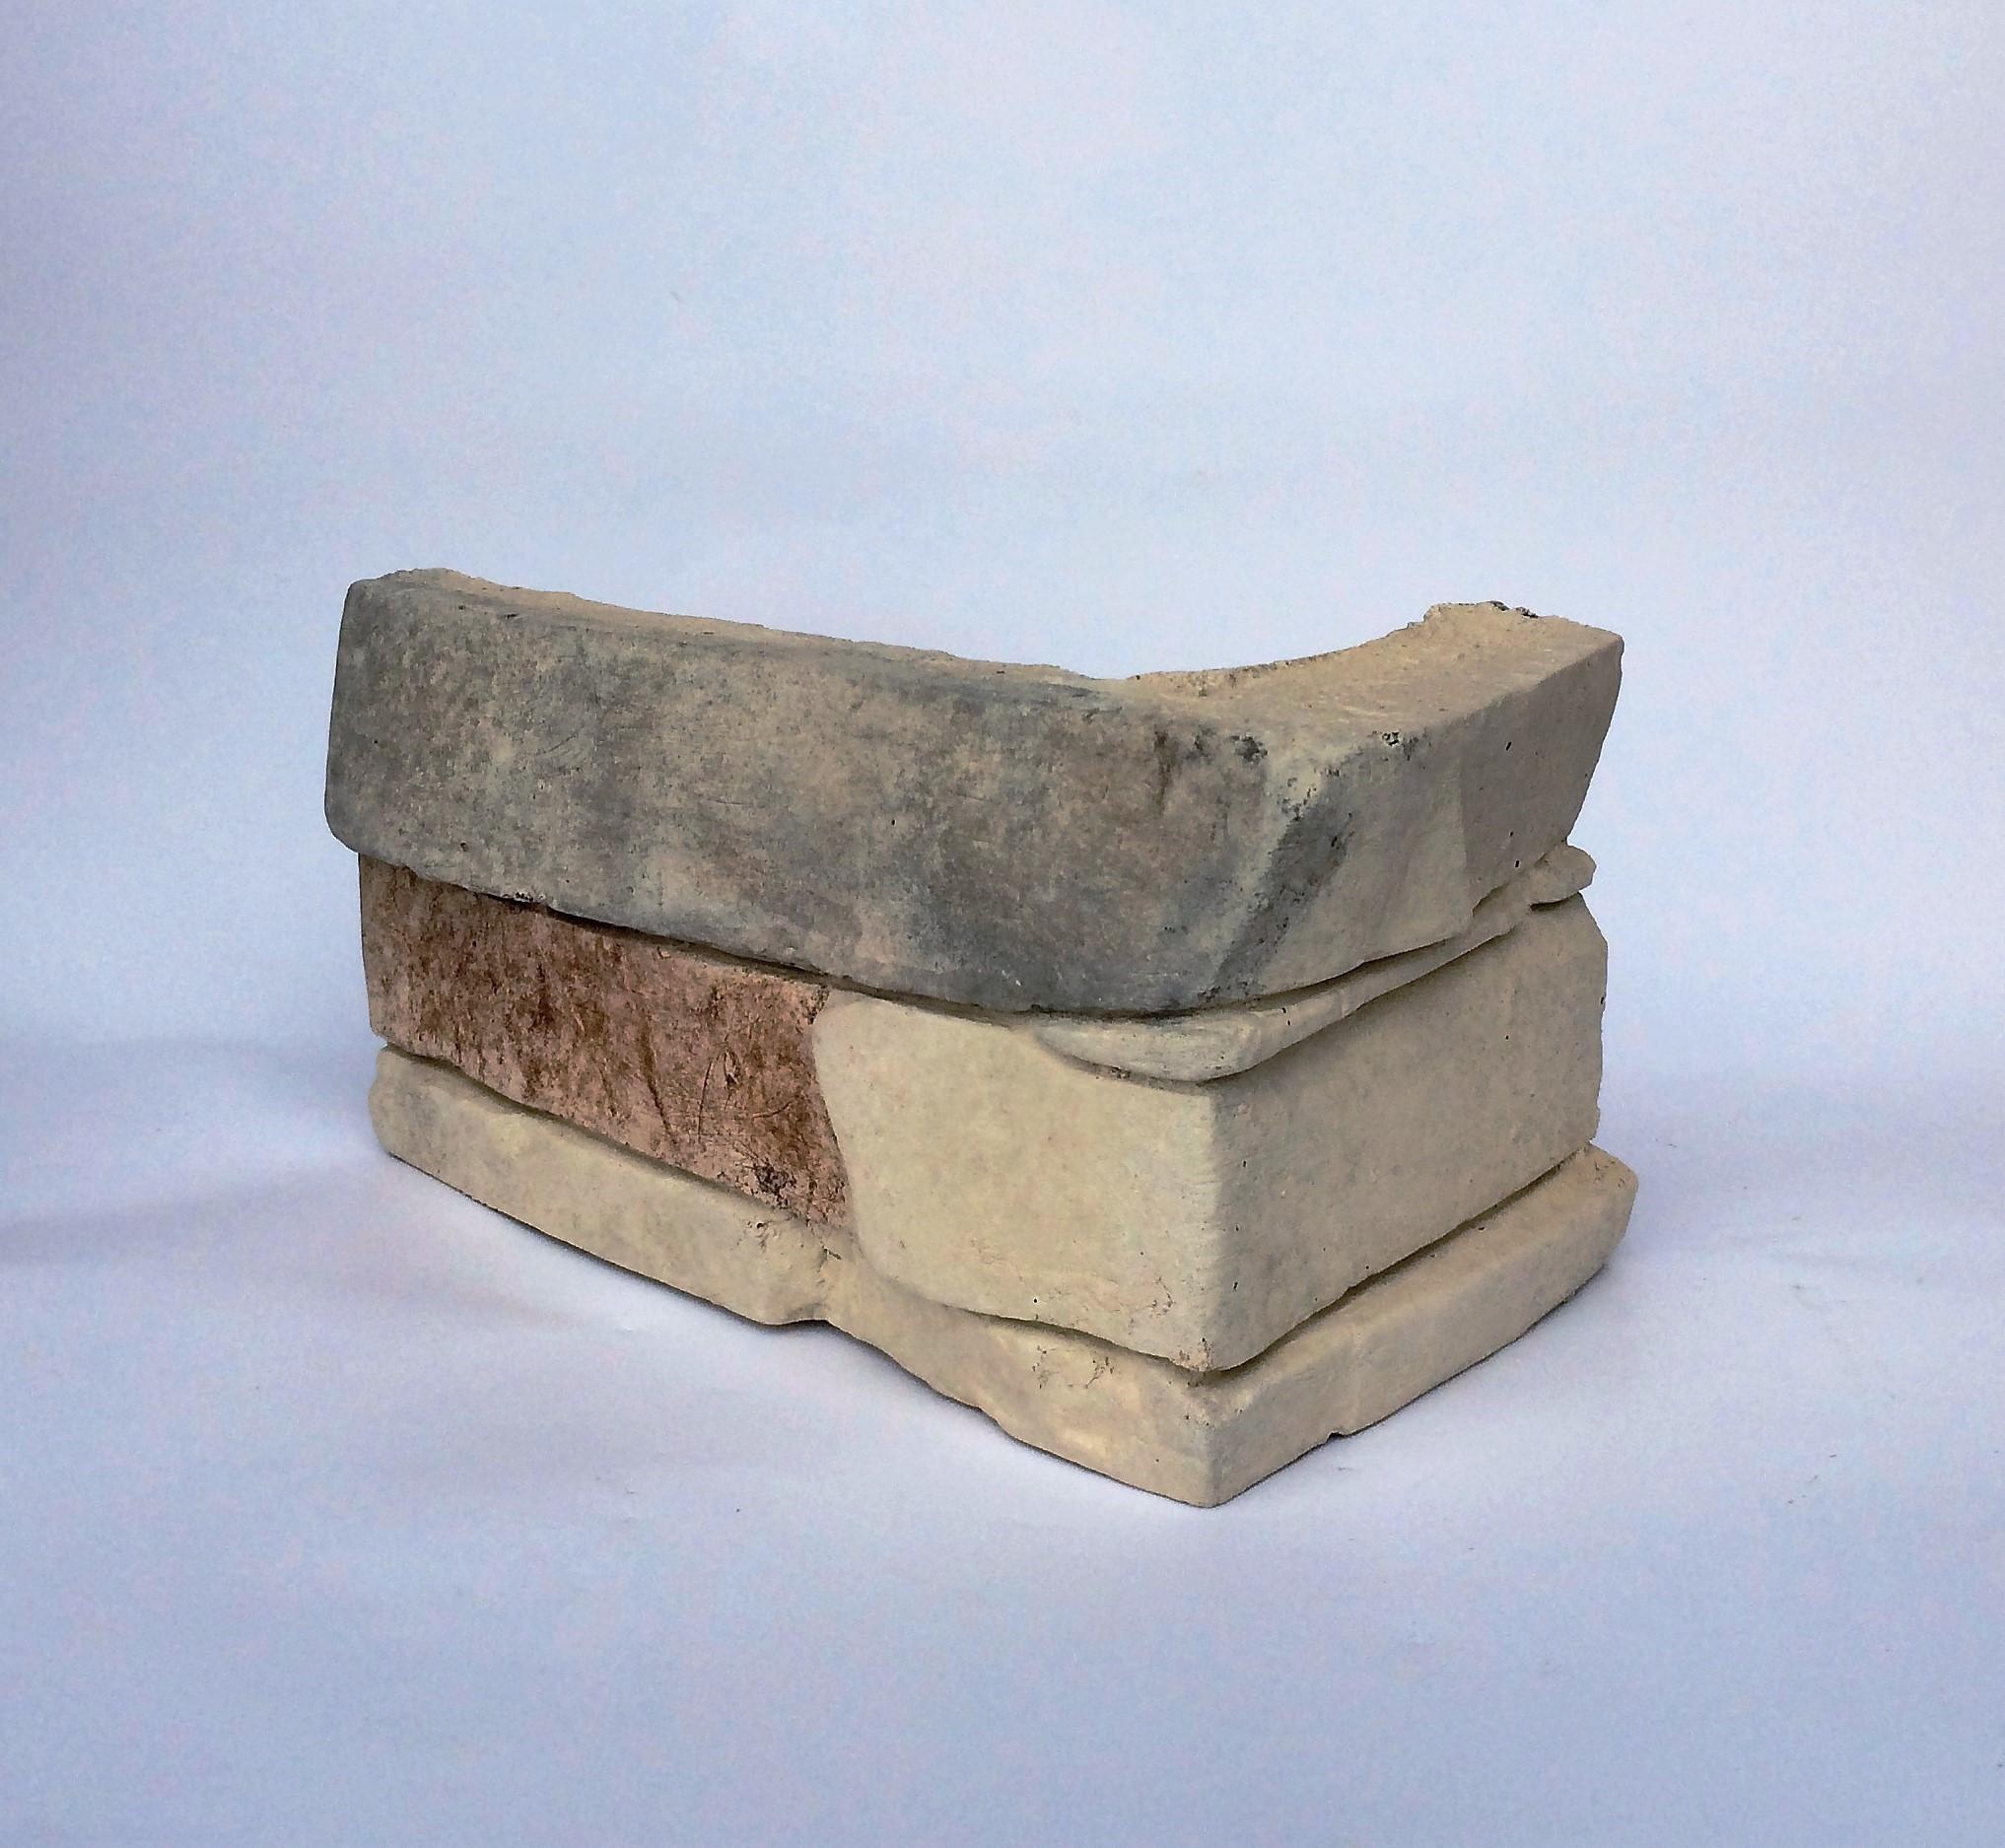 kámen umělý dekorační slanec, imitace kamene do interiéru, dekorační kámen,rohový prvek Slanec Bland Cream 004